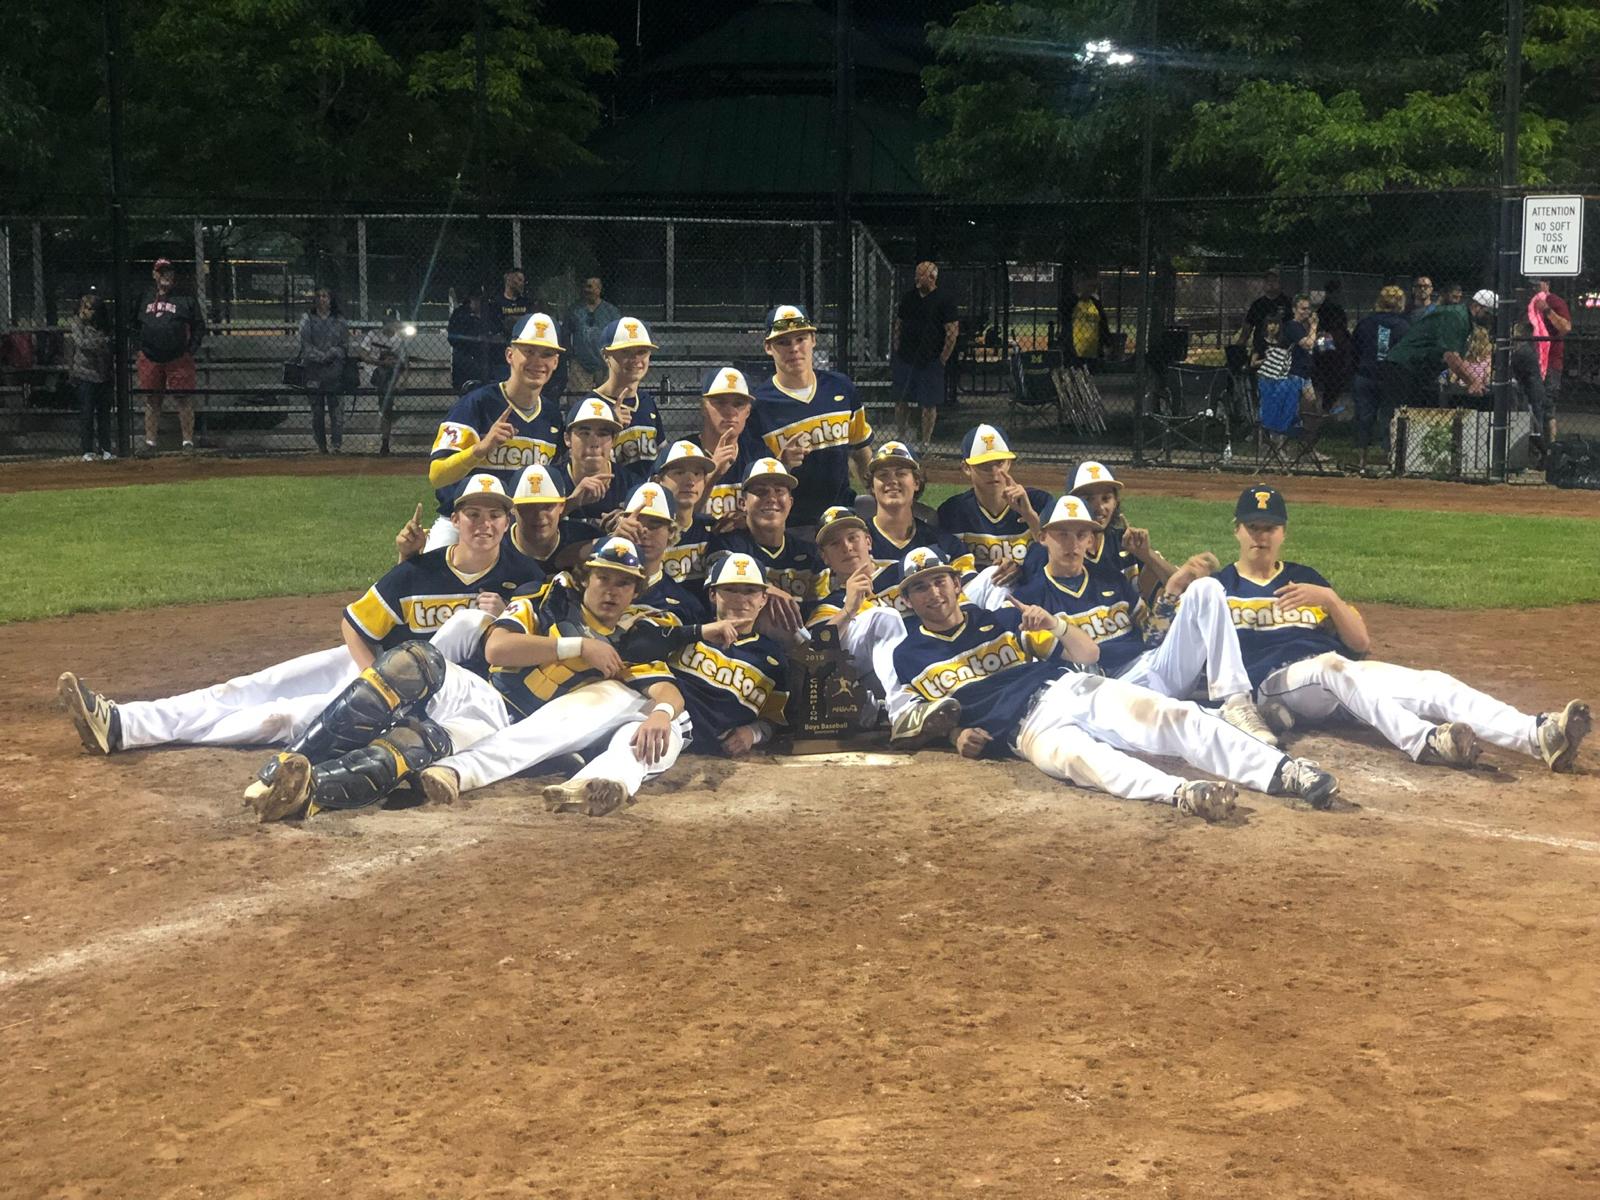 Vote here for Trenton Boys Baseball!!